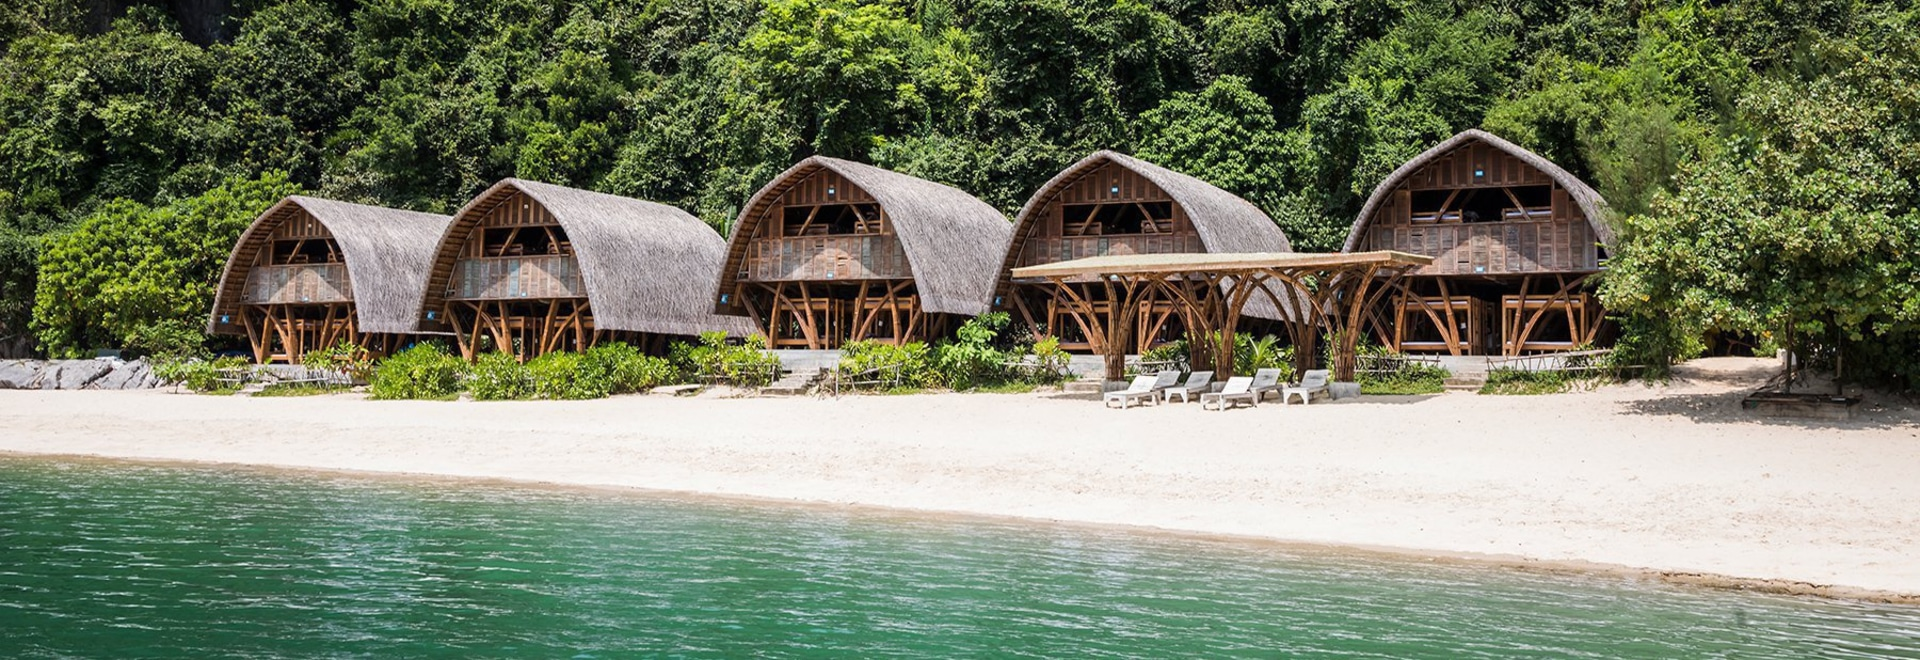 El centro turístico de bambú de la 'isla náufraga' de los arquitectos de VTN ocupa suavemente una orilla vietnamita de la isla